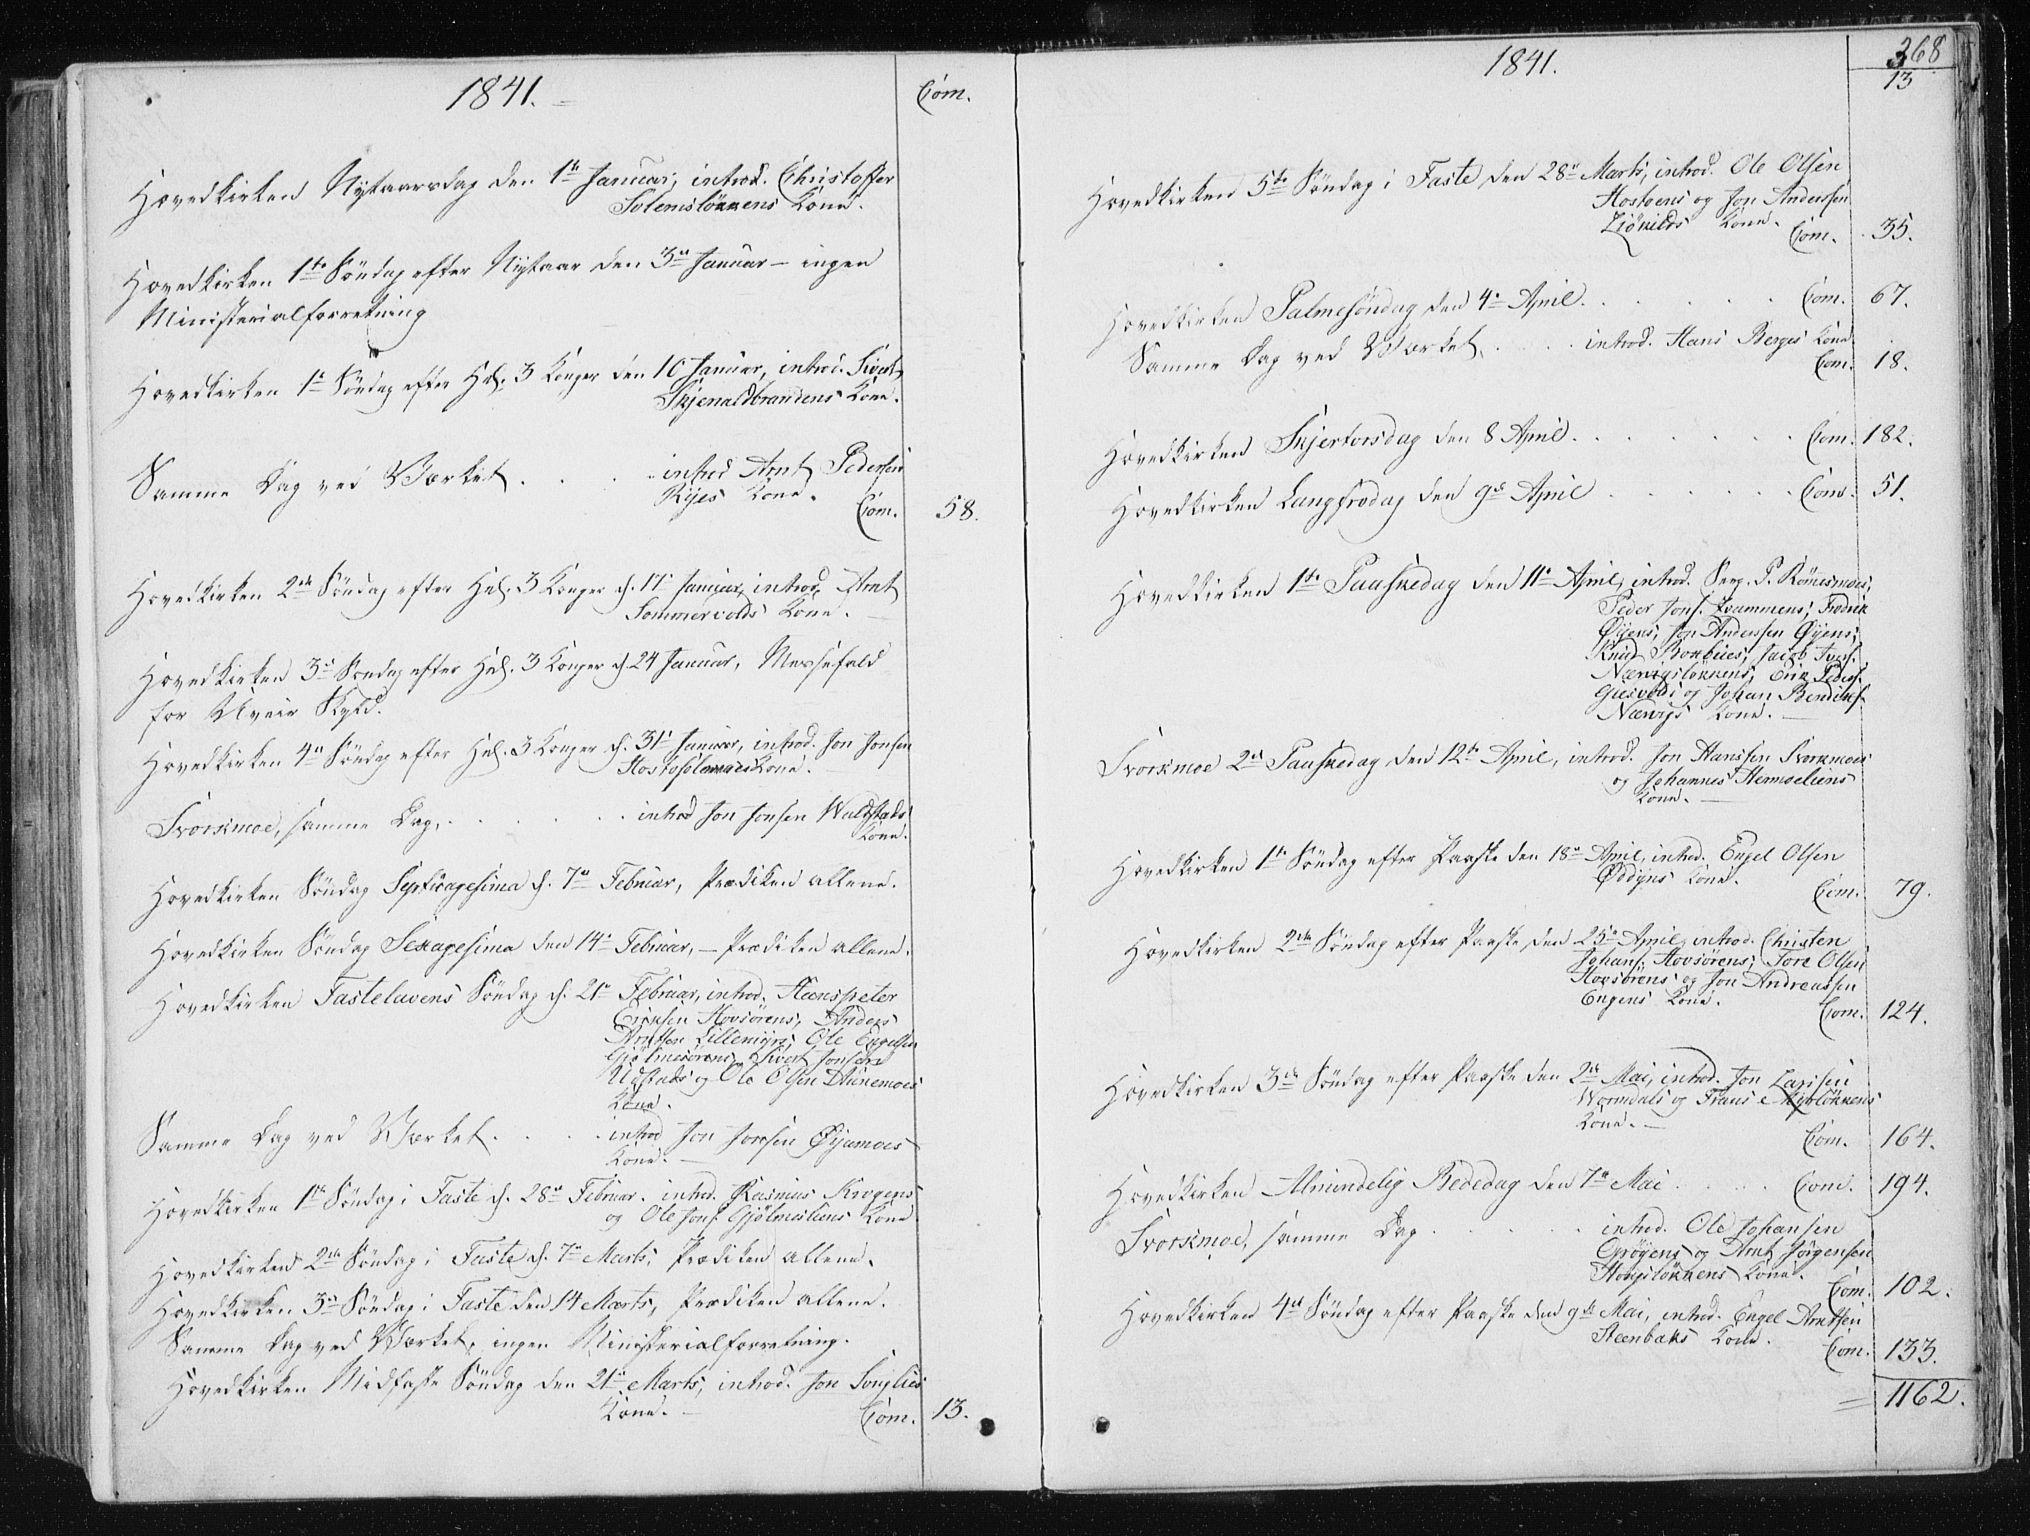 SAT, Ministerialprotokoller, klokkerbøker og fødselsregistre - Sør-Trøndelag, 668/L0805: Ministerialbok nr. 668A05, 1840-1853, s. 368